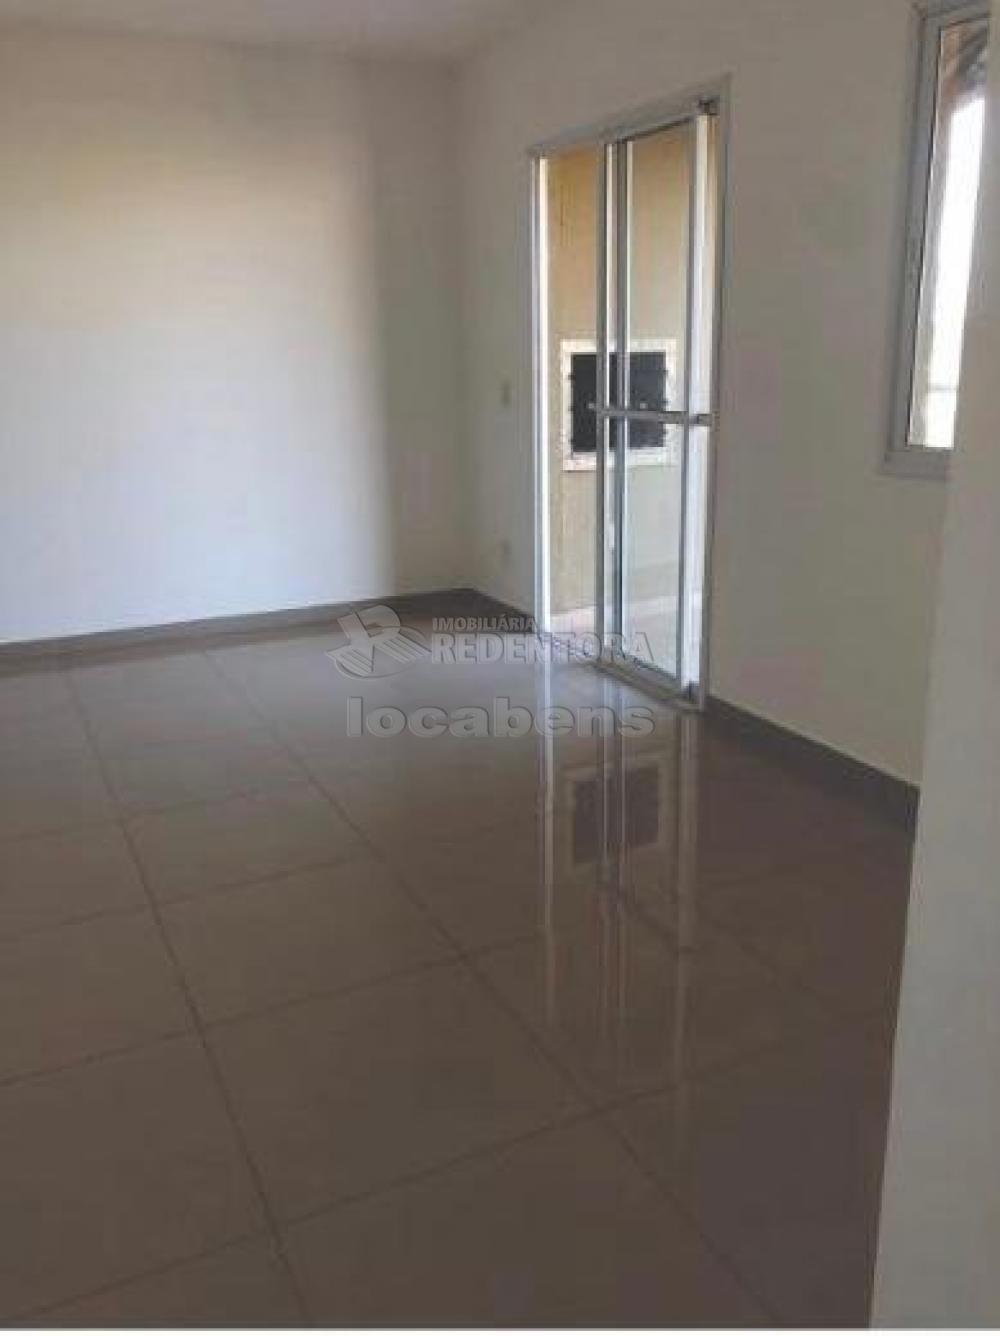 Comprar Apartamento / Padrão em São José do Rio Preto apenas R$ 260.000,00 - Foto 2